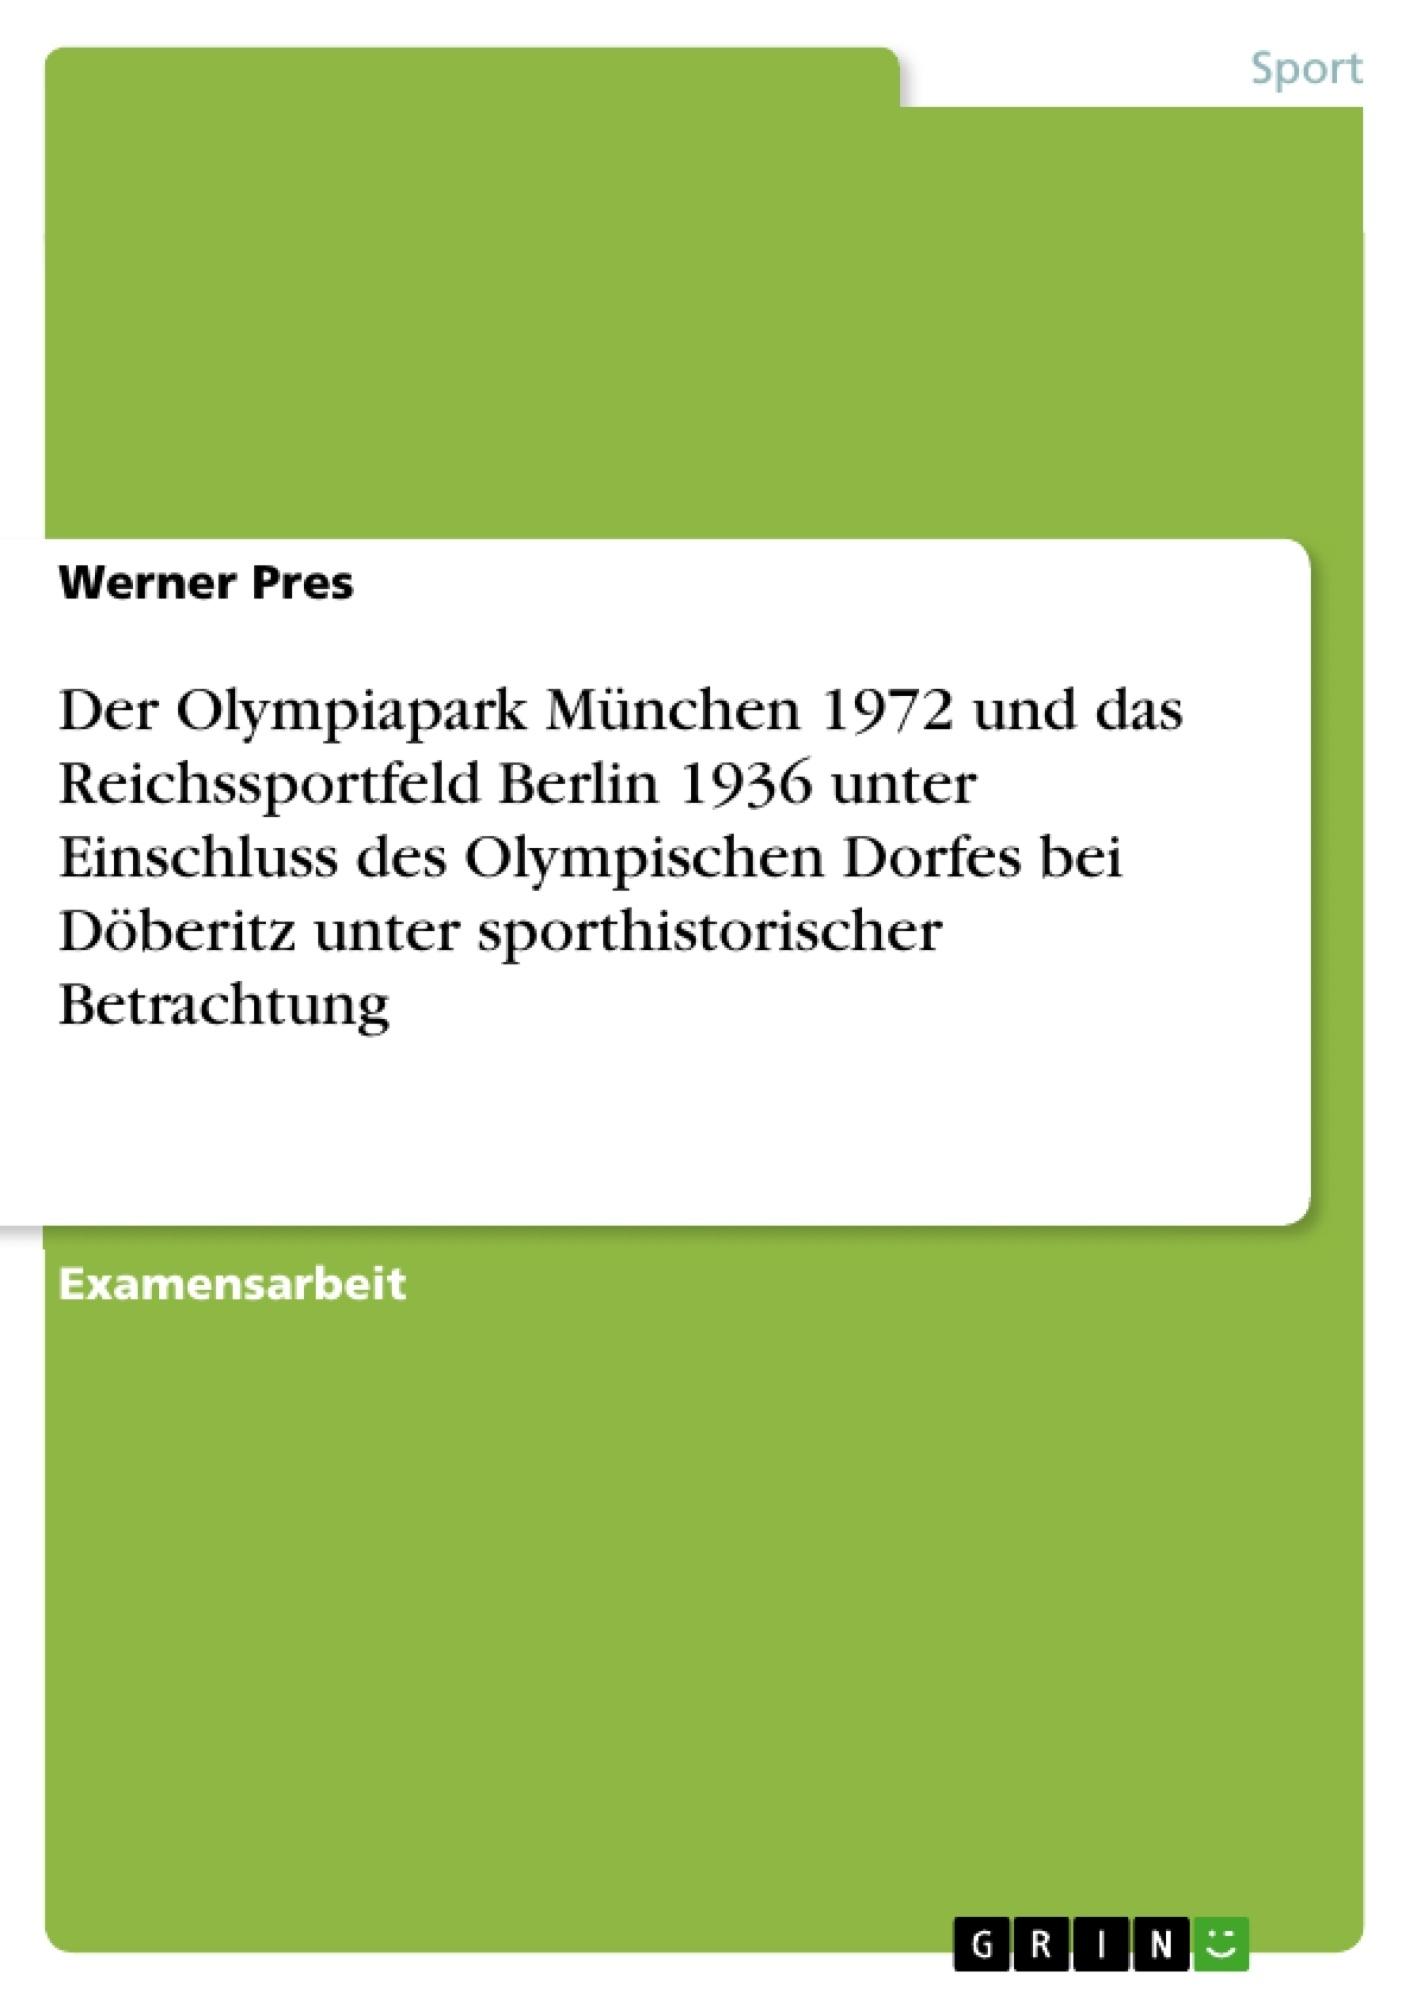 Titel: Der Olympiapark München 1972 und das Reichssportfeld Berlin 1936 unter Einschluss des Olympischen Dorfes bei Döberitz unter sporthistorischer Betrachtung